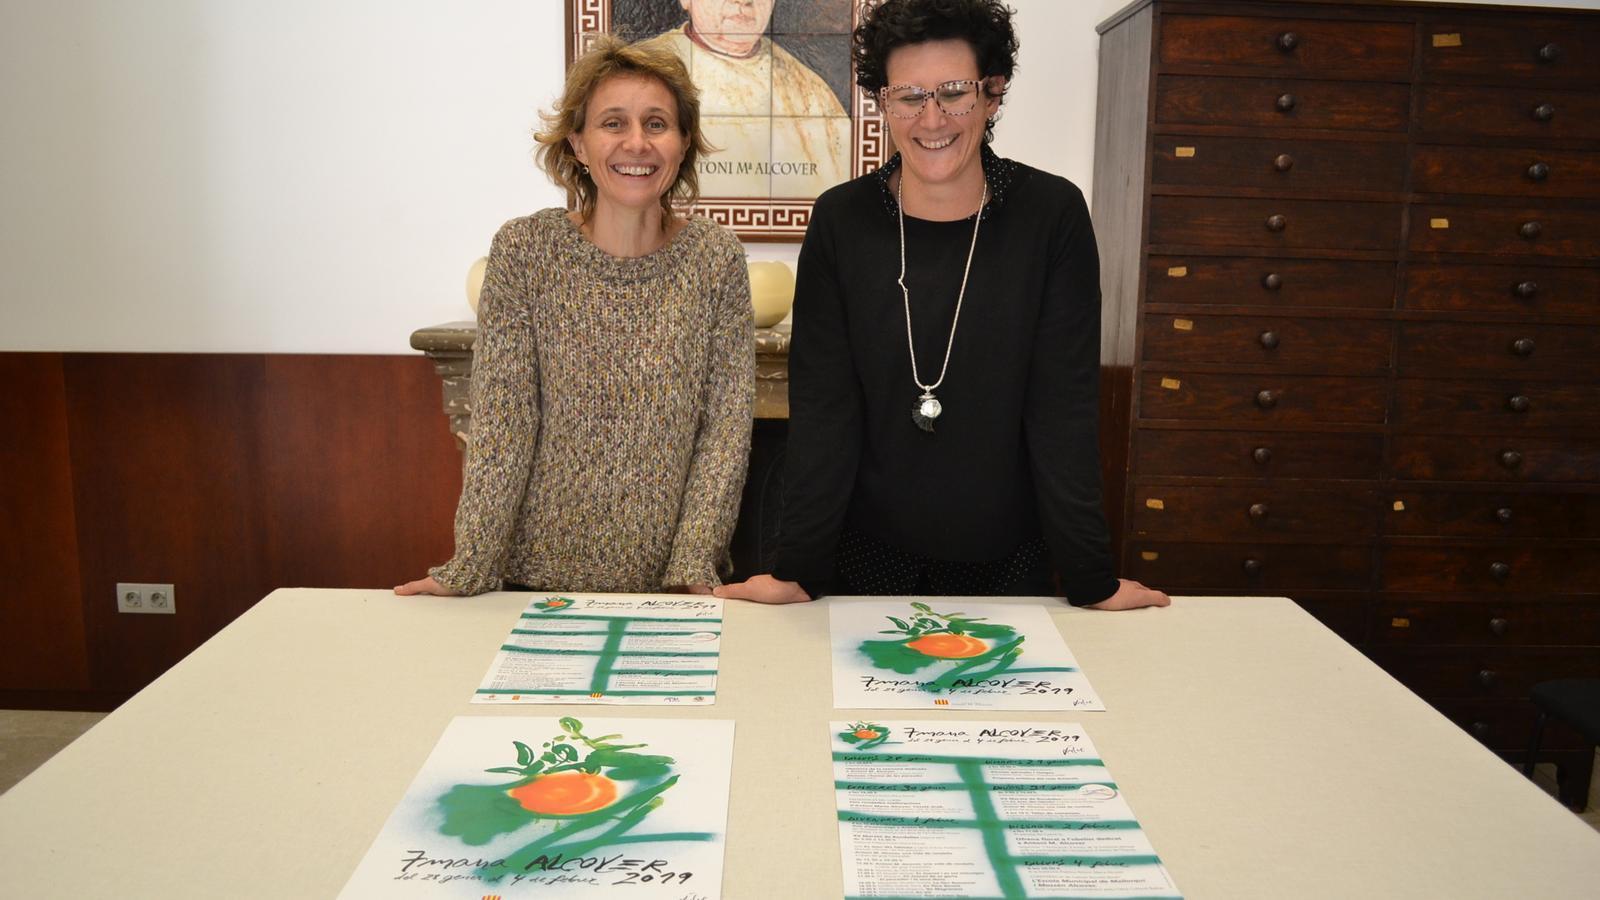 La directora de la Institució Bàrbara Sagrera i la regidora de Cultura, Antònia Llodrà, presentant el programa d'actes.